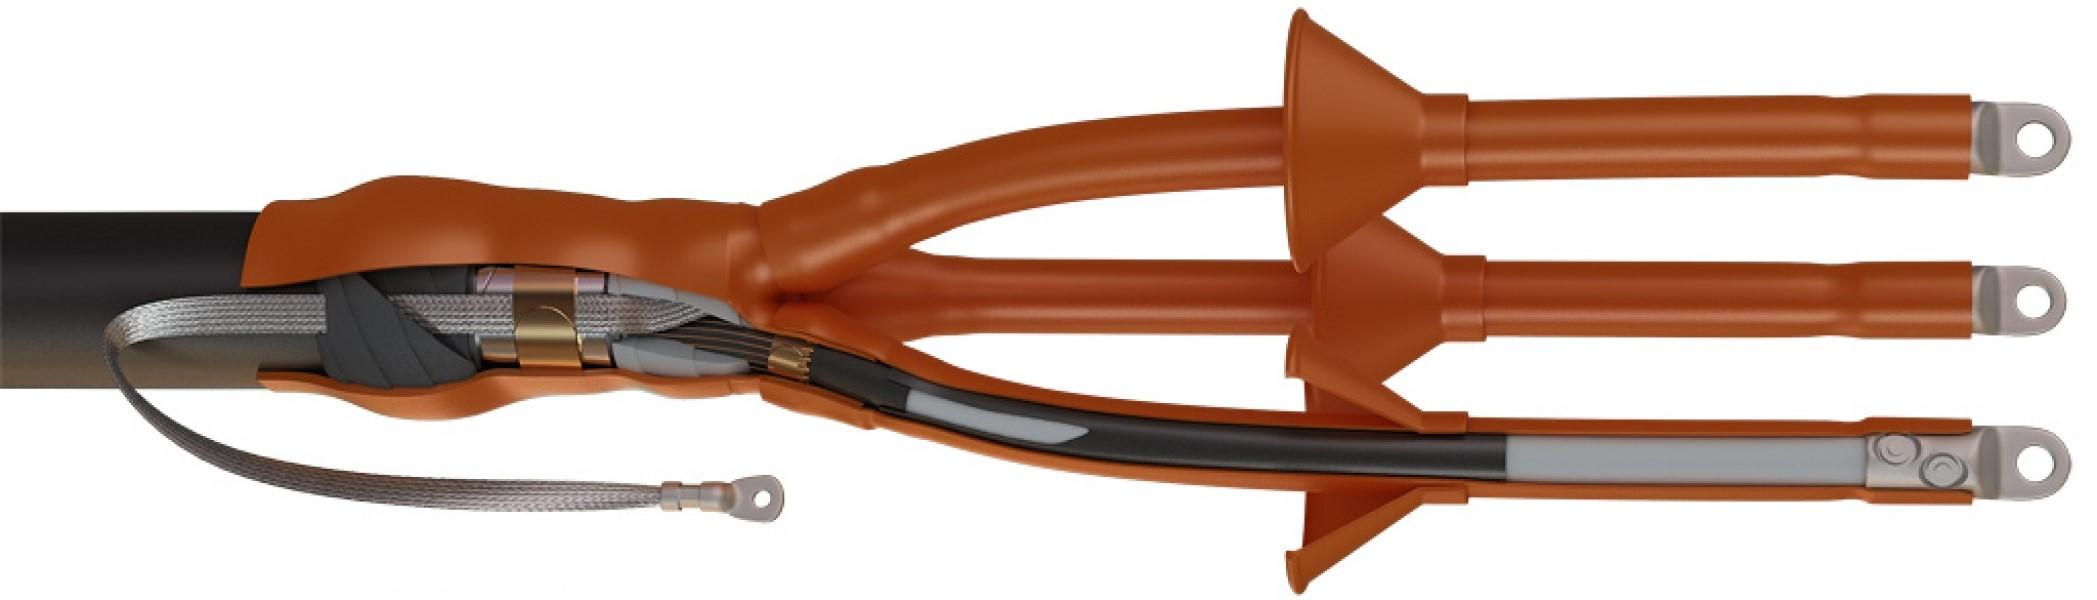 Концевая кабельная муфта на 20 кВ